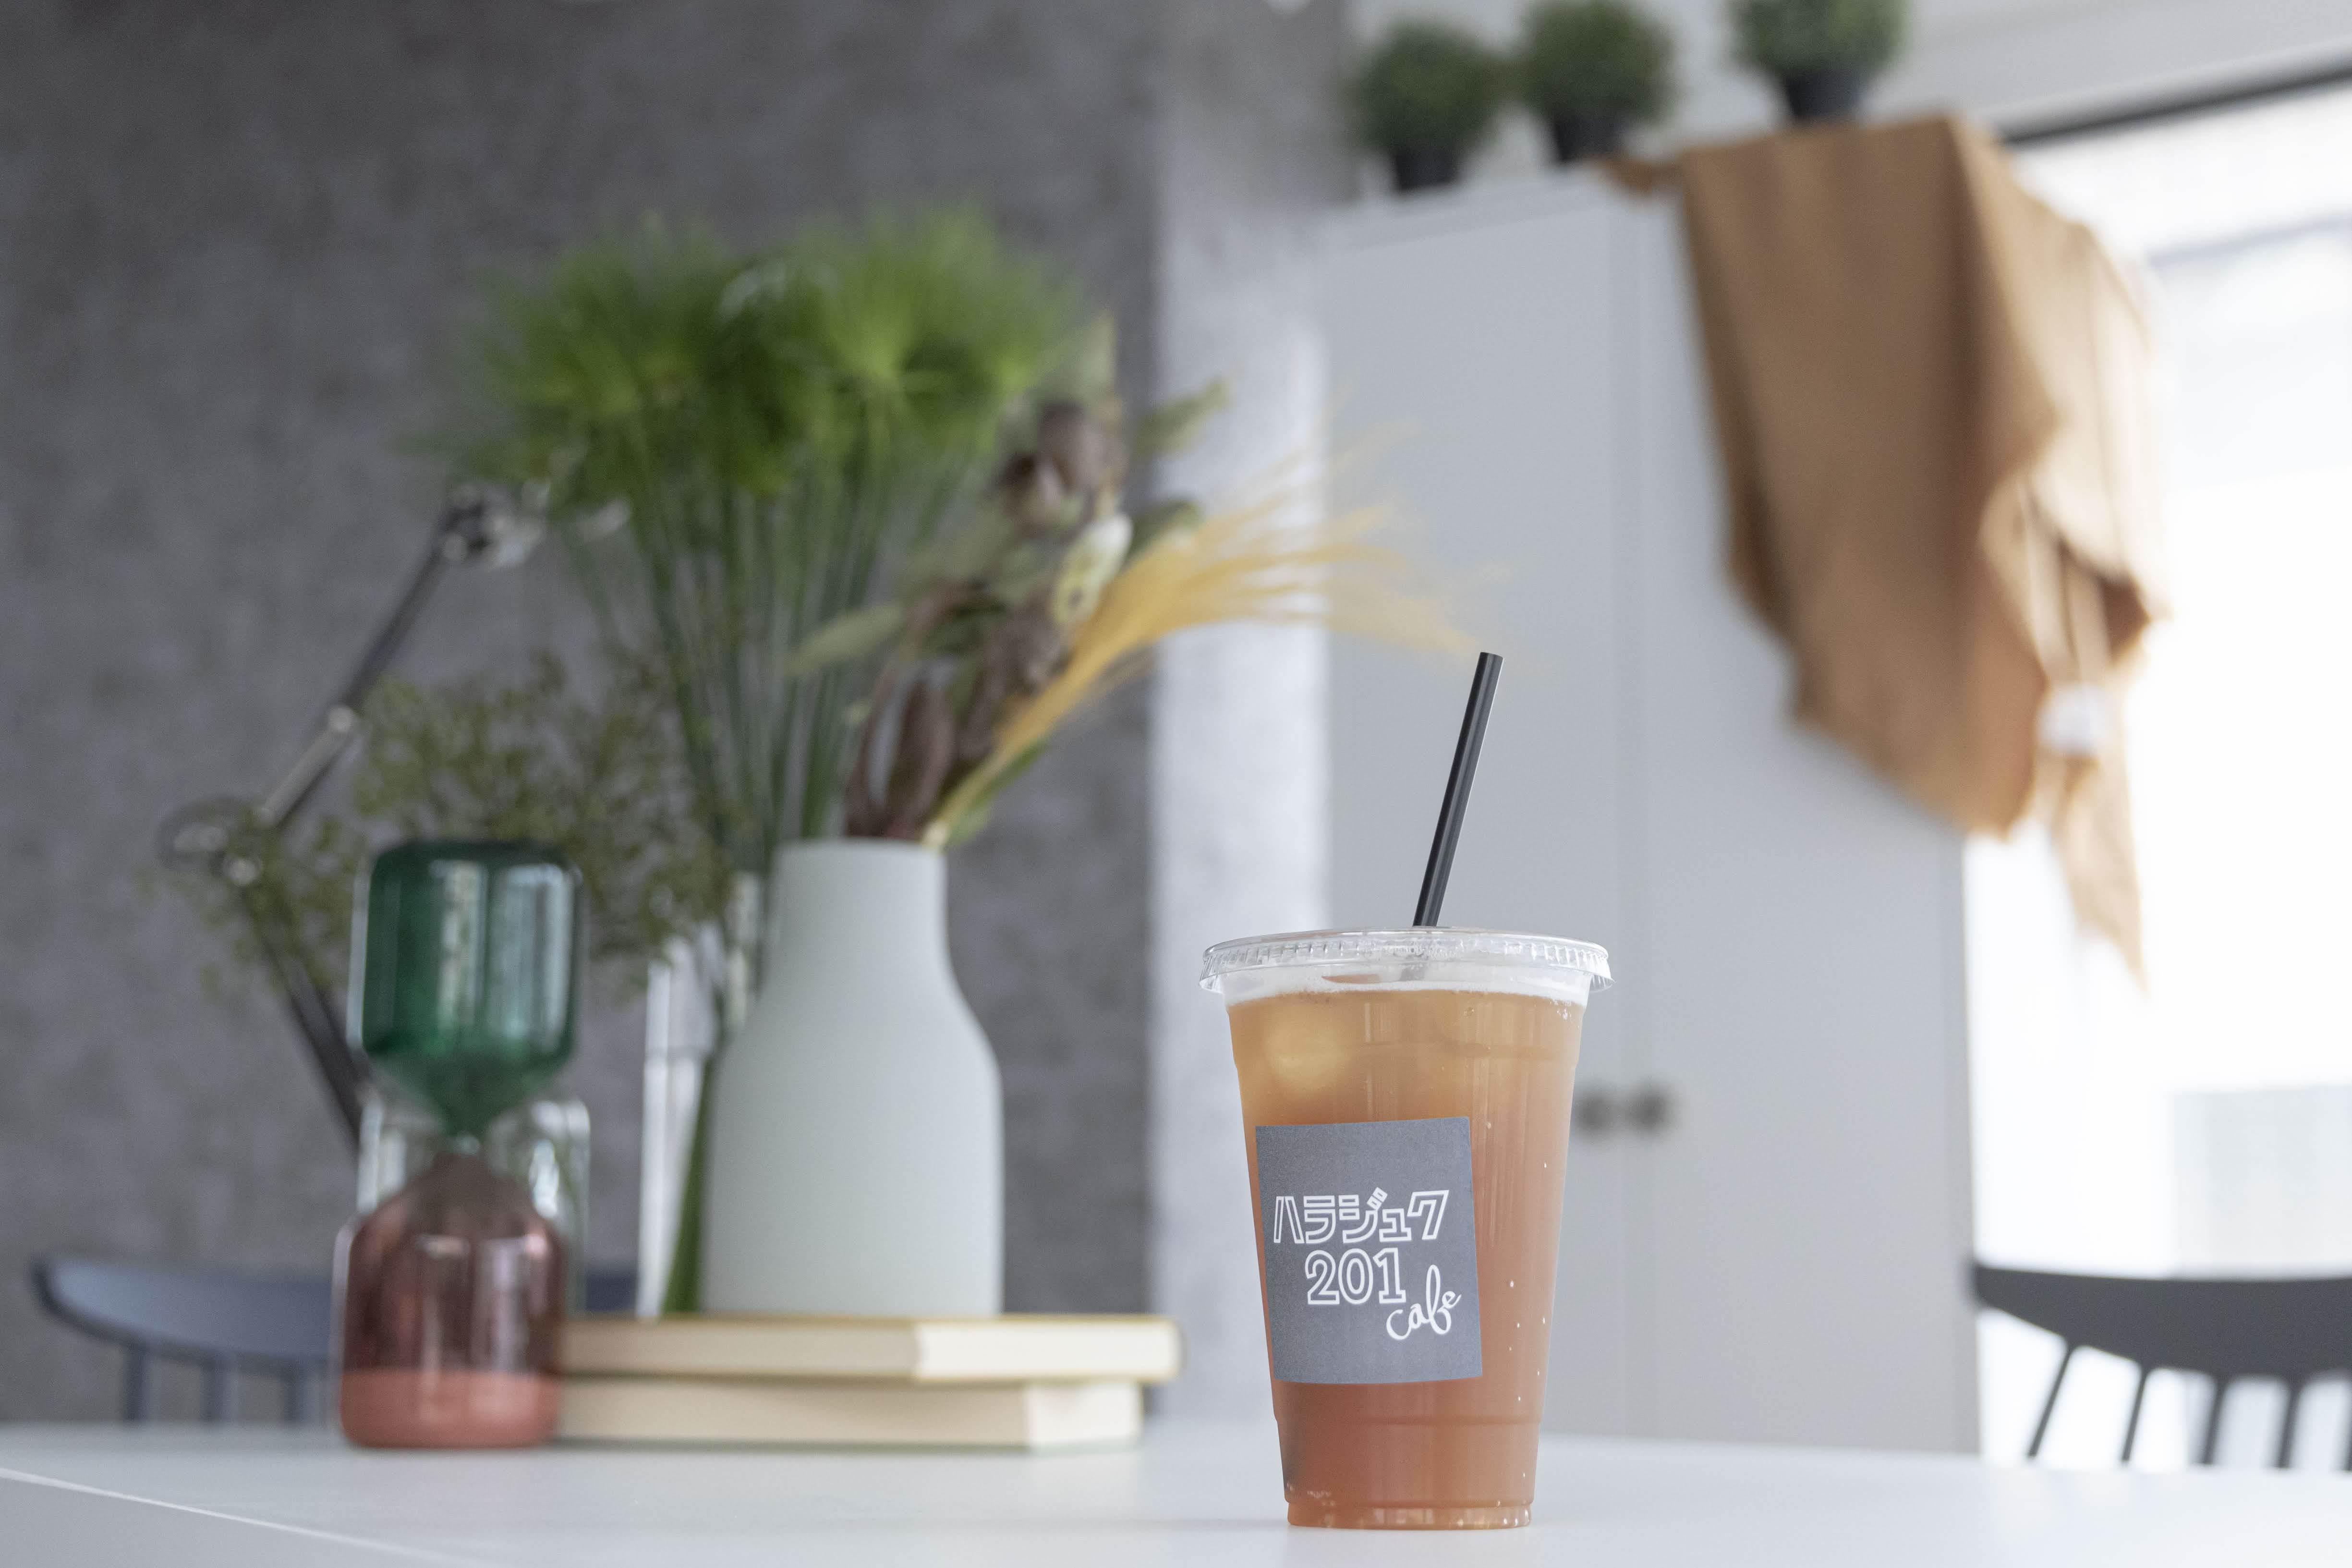 空間スタイリングさせて頂きましたcafe様がオープンしました_c0337233_19065576.jpg